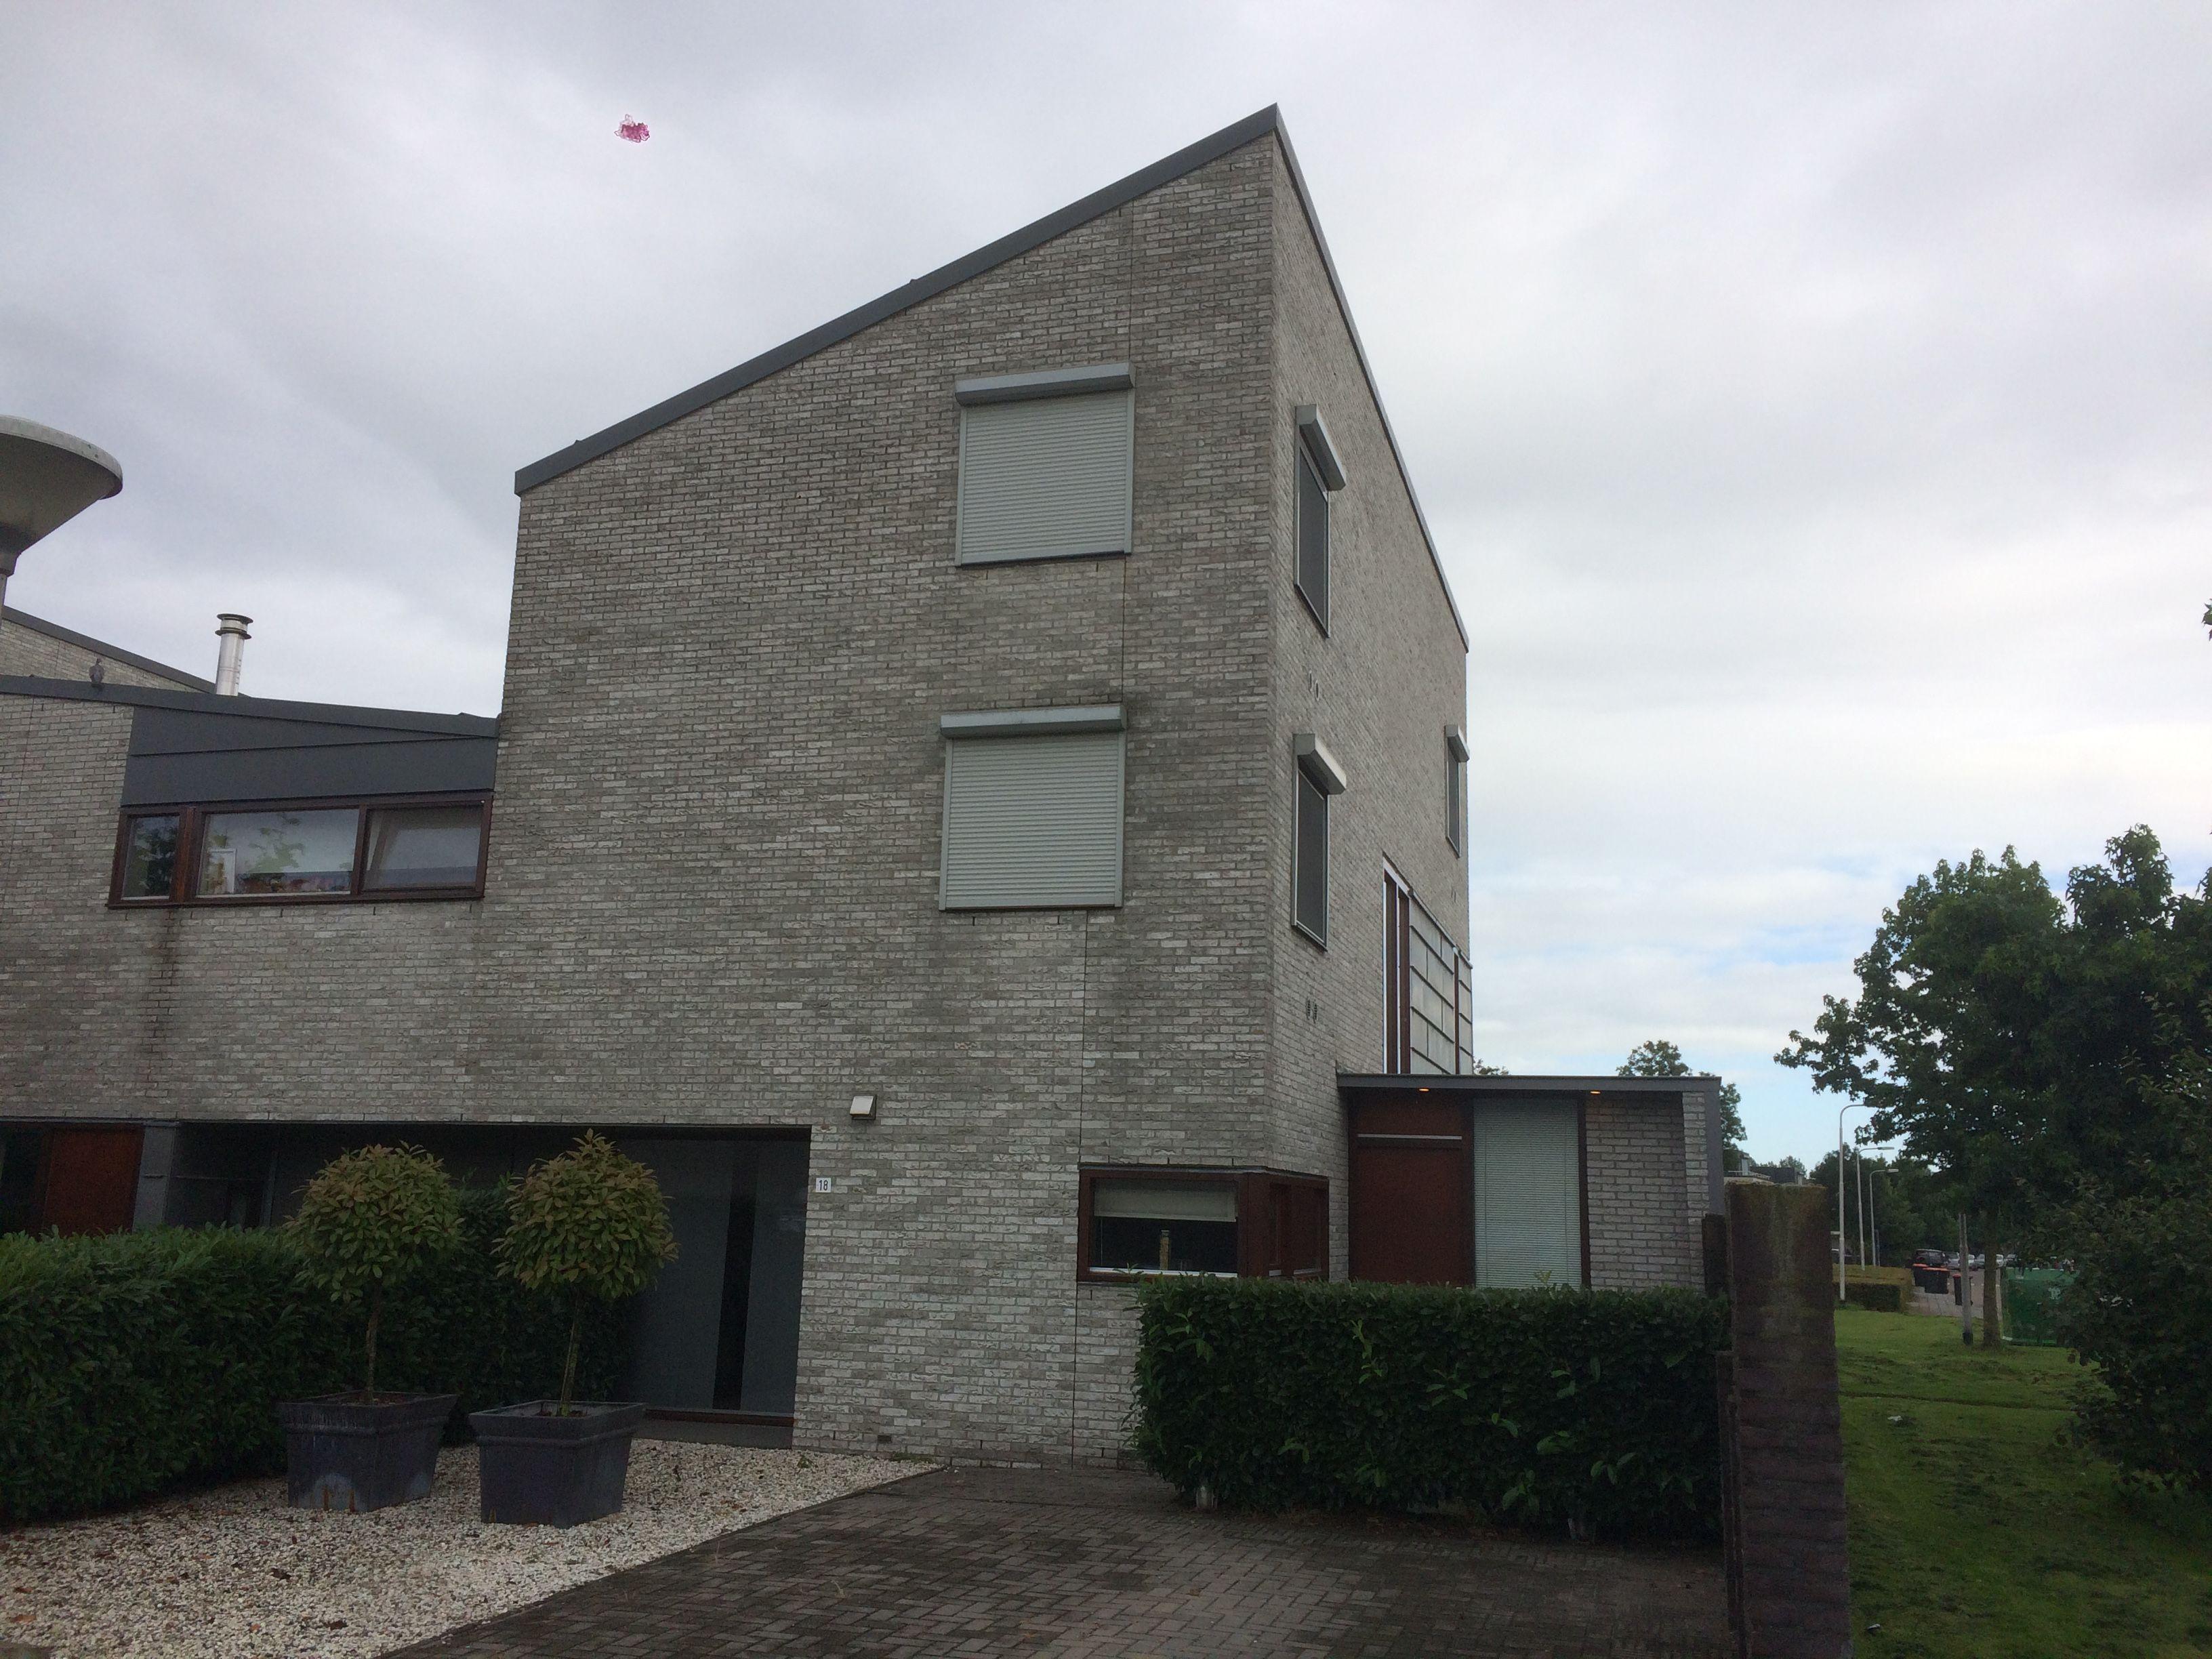 Slikkenburghof 18 te Tilburg